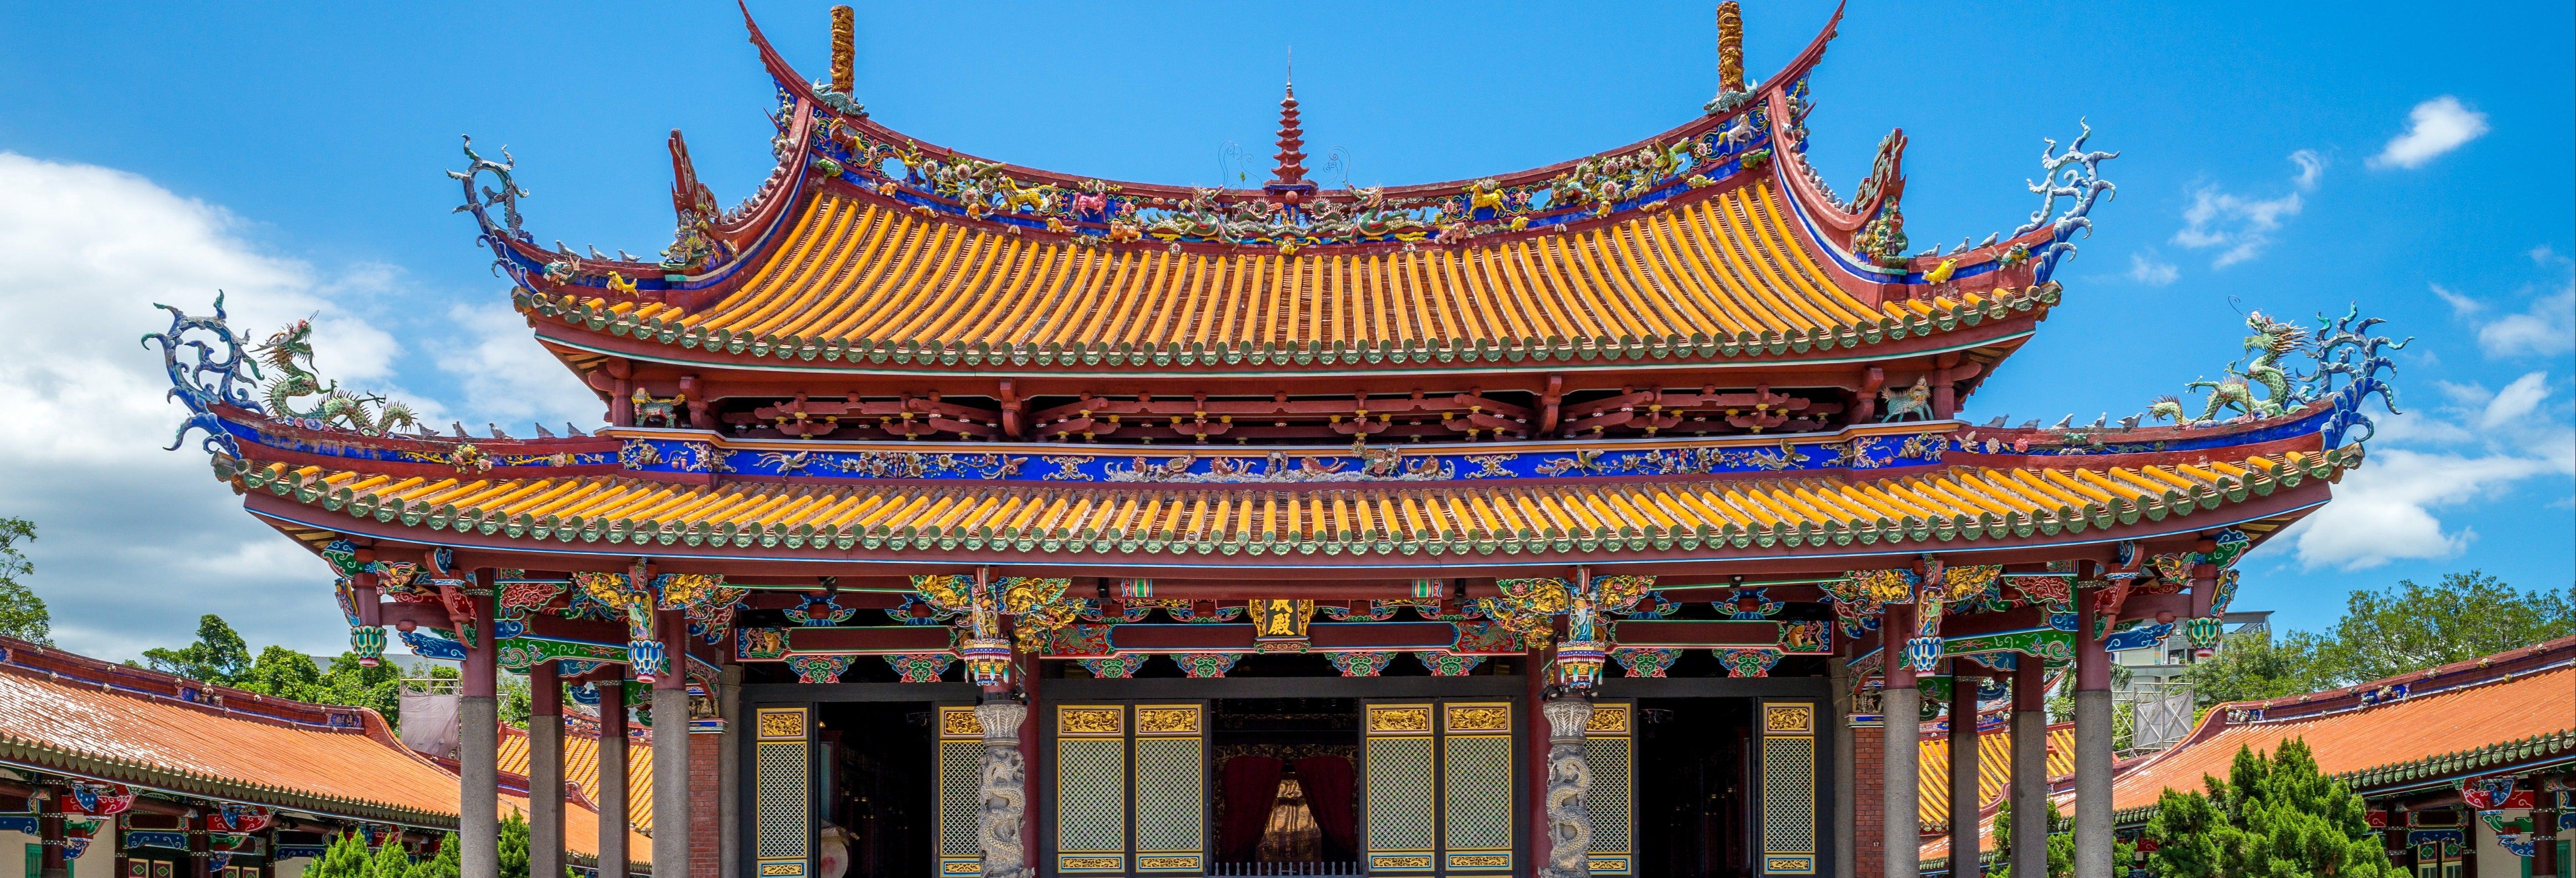 Tempio di Confucio, Parco Beihai e Museo della Capitale